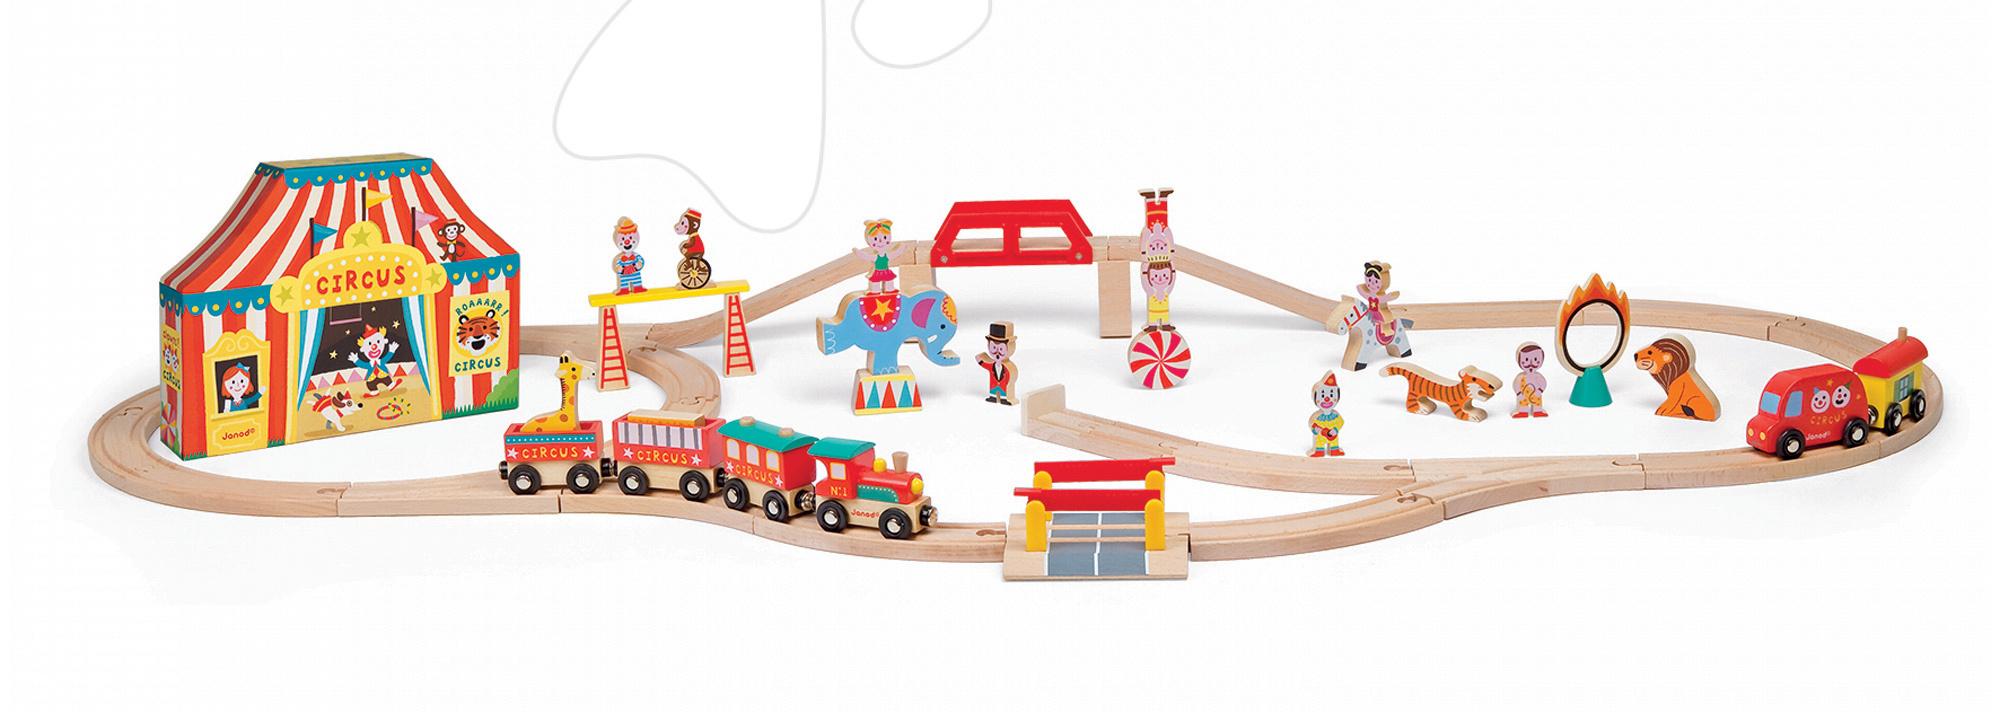 Dřevěná magnetická stavebnice Express Cirkus Story Set Janod